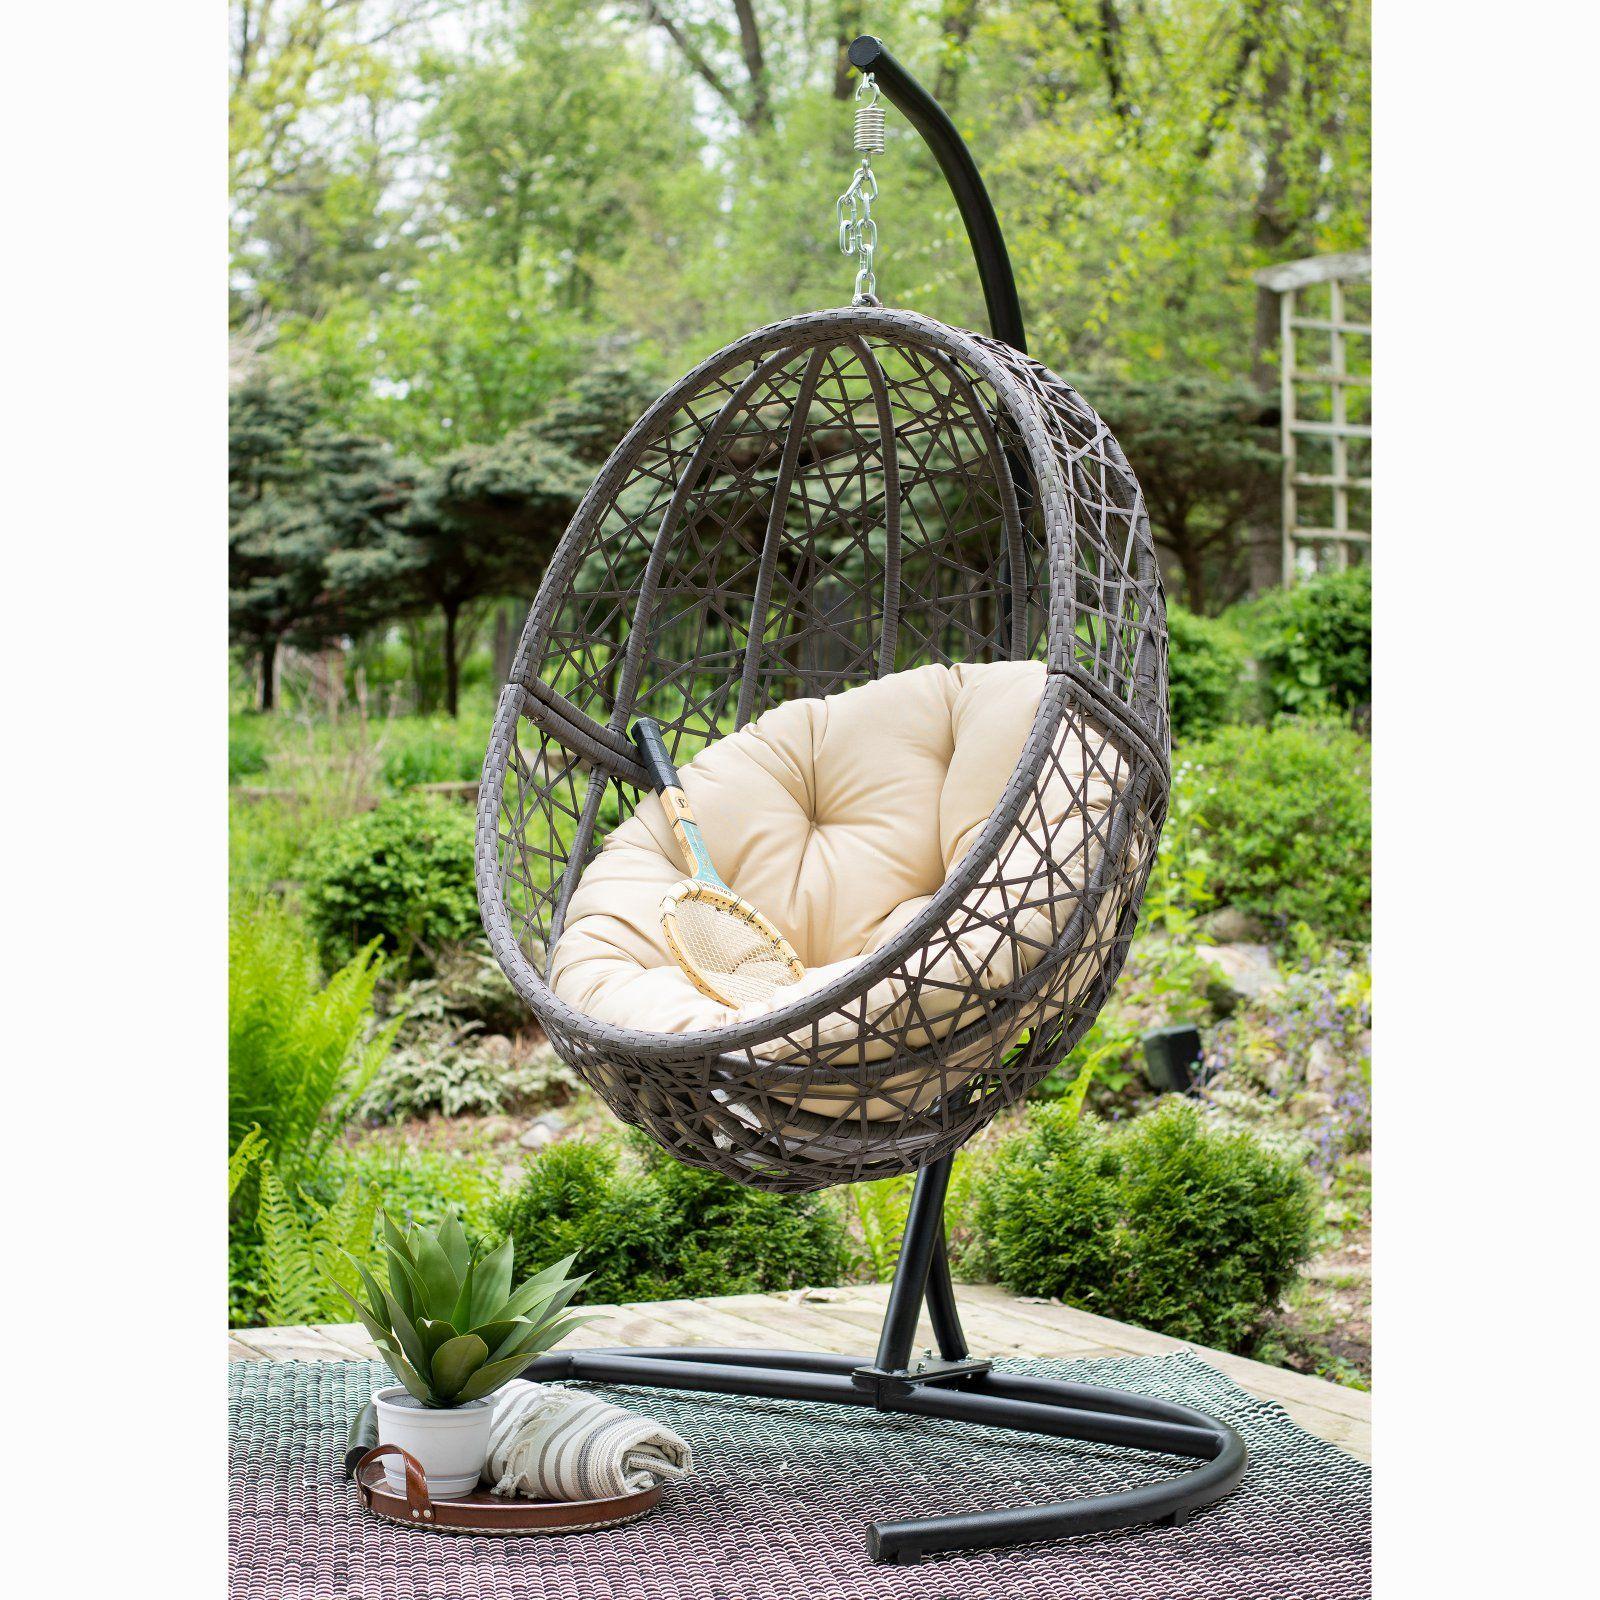 Patio & Garden in 2020 Hanging egg chair, Resin wicker